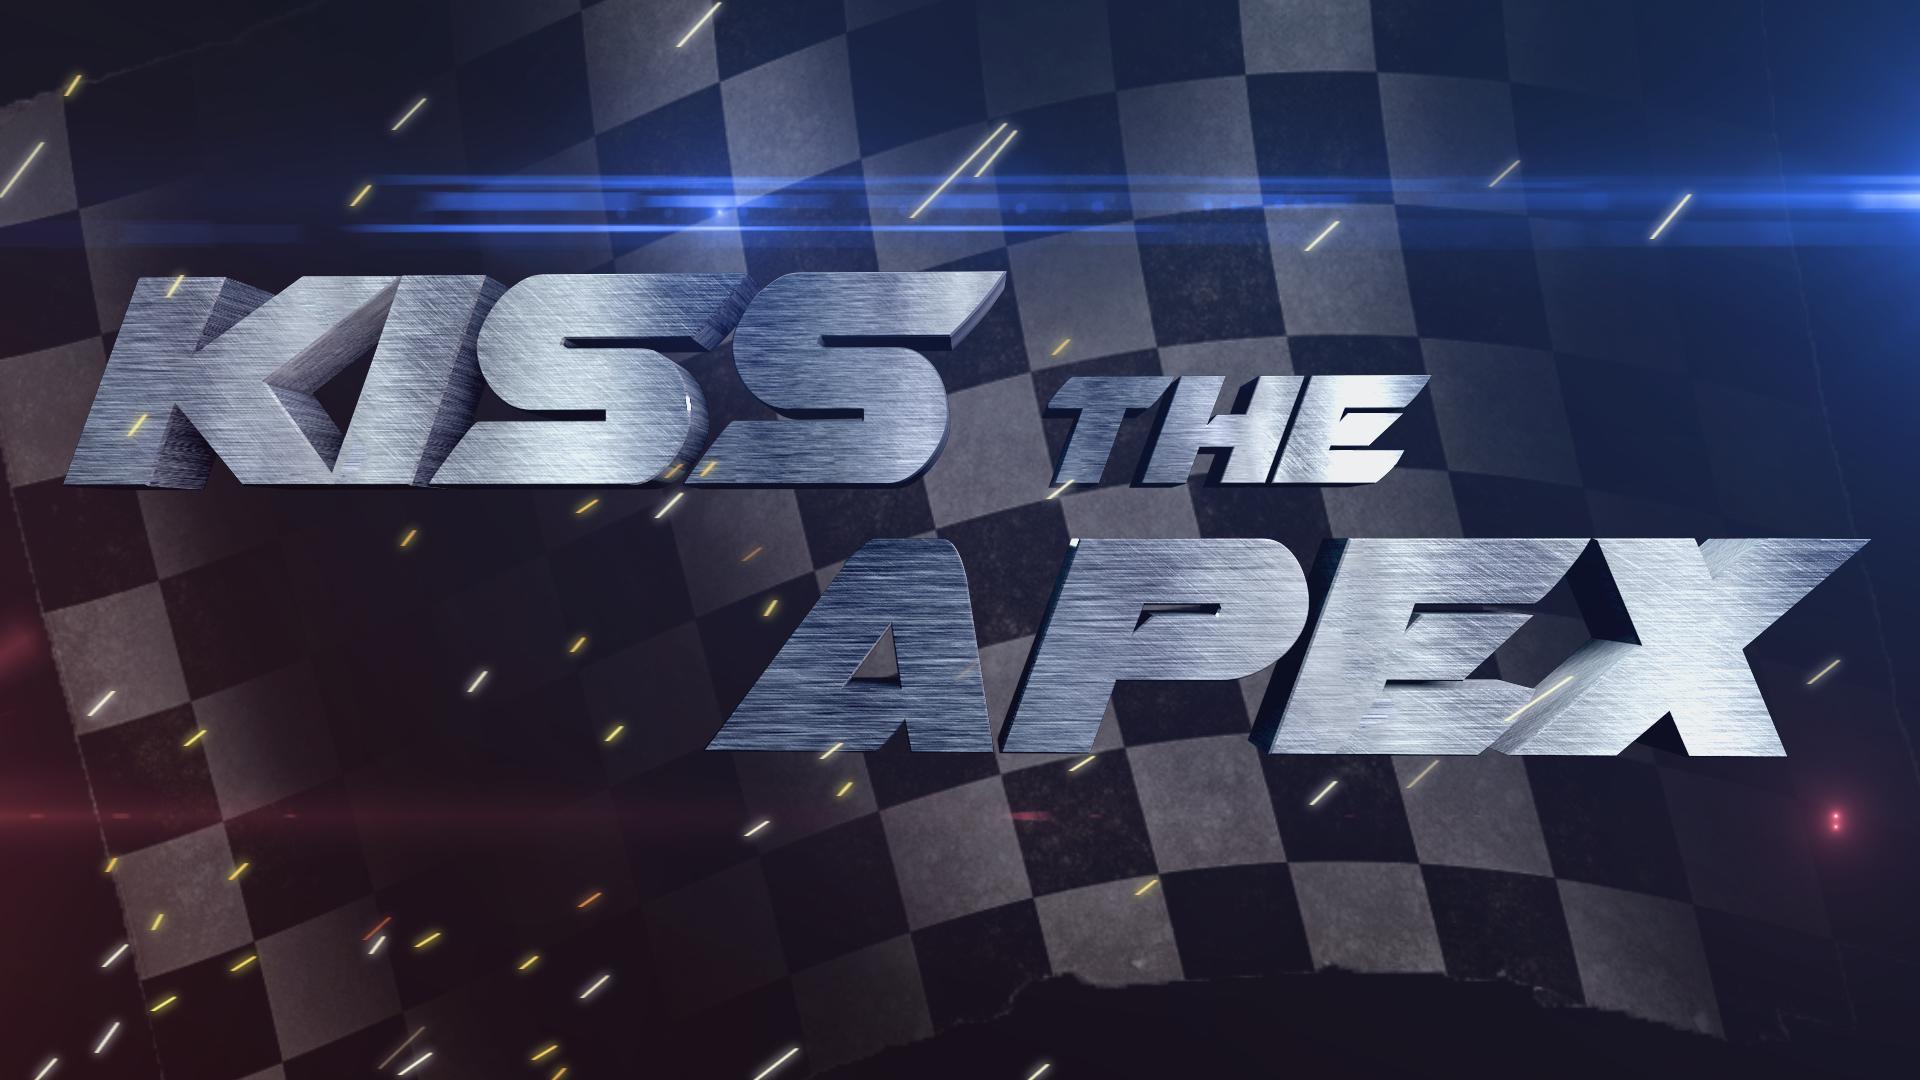 kiss the apex logo